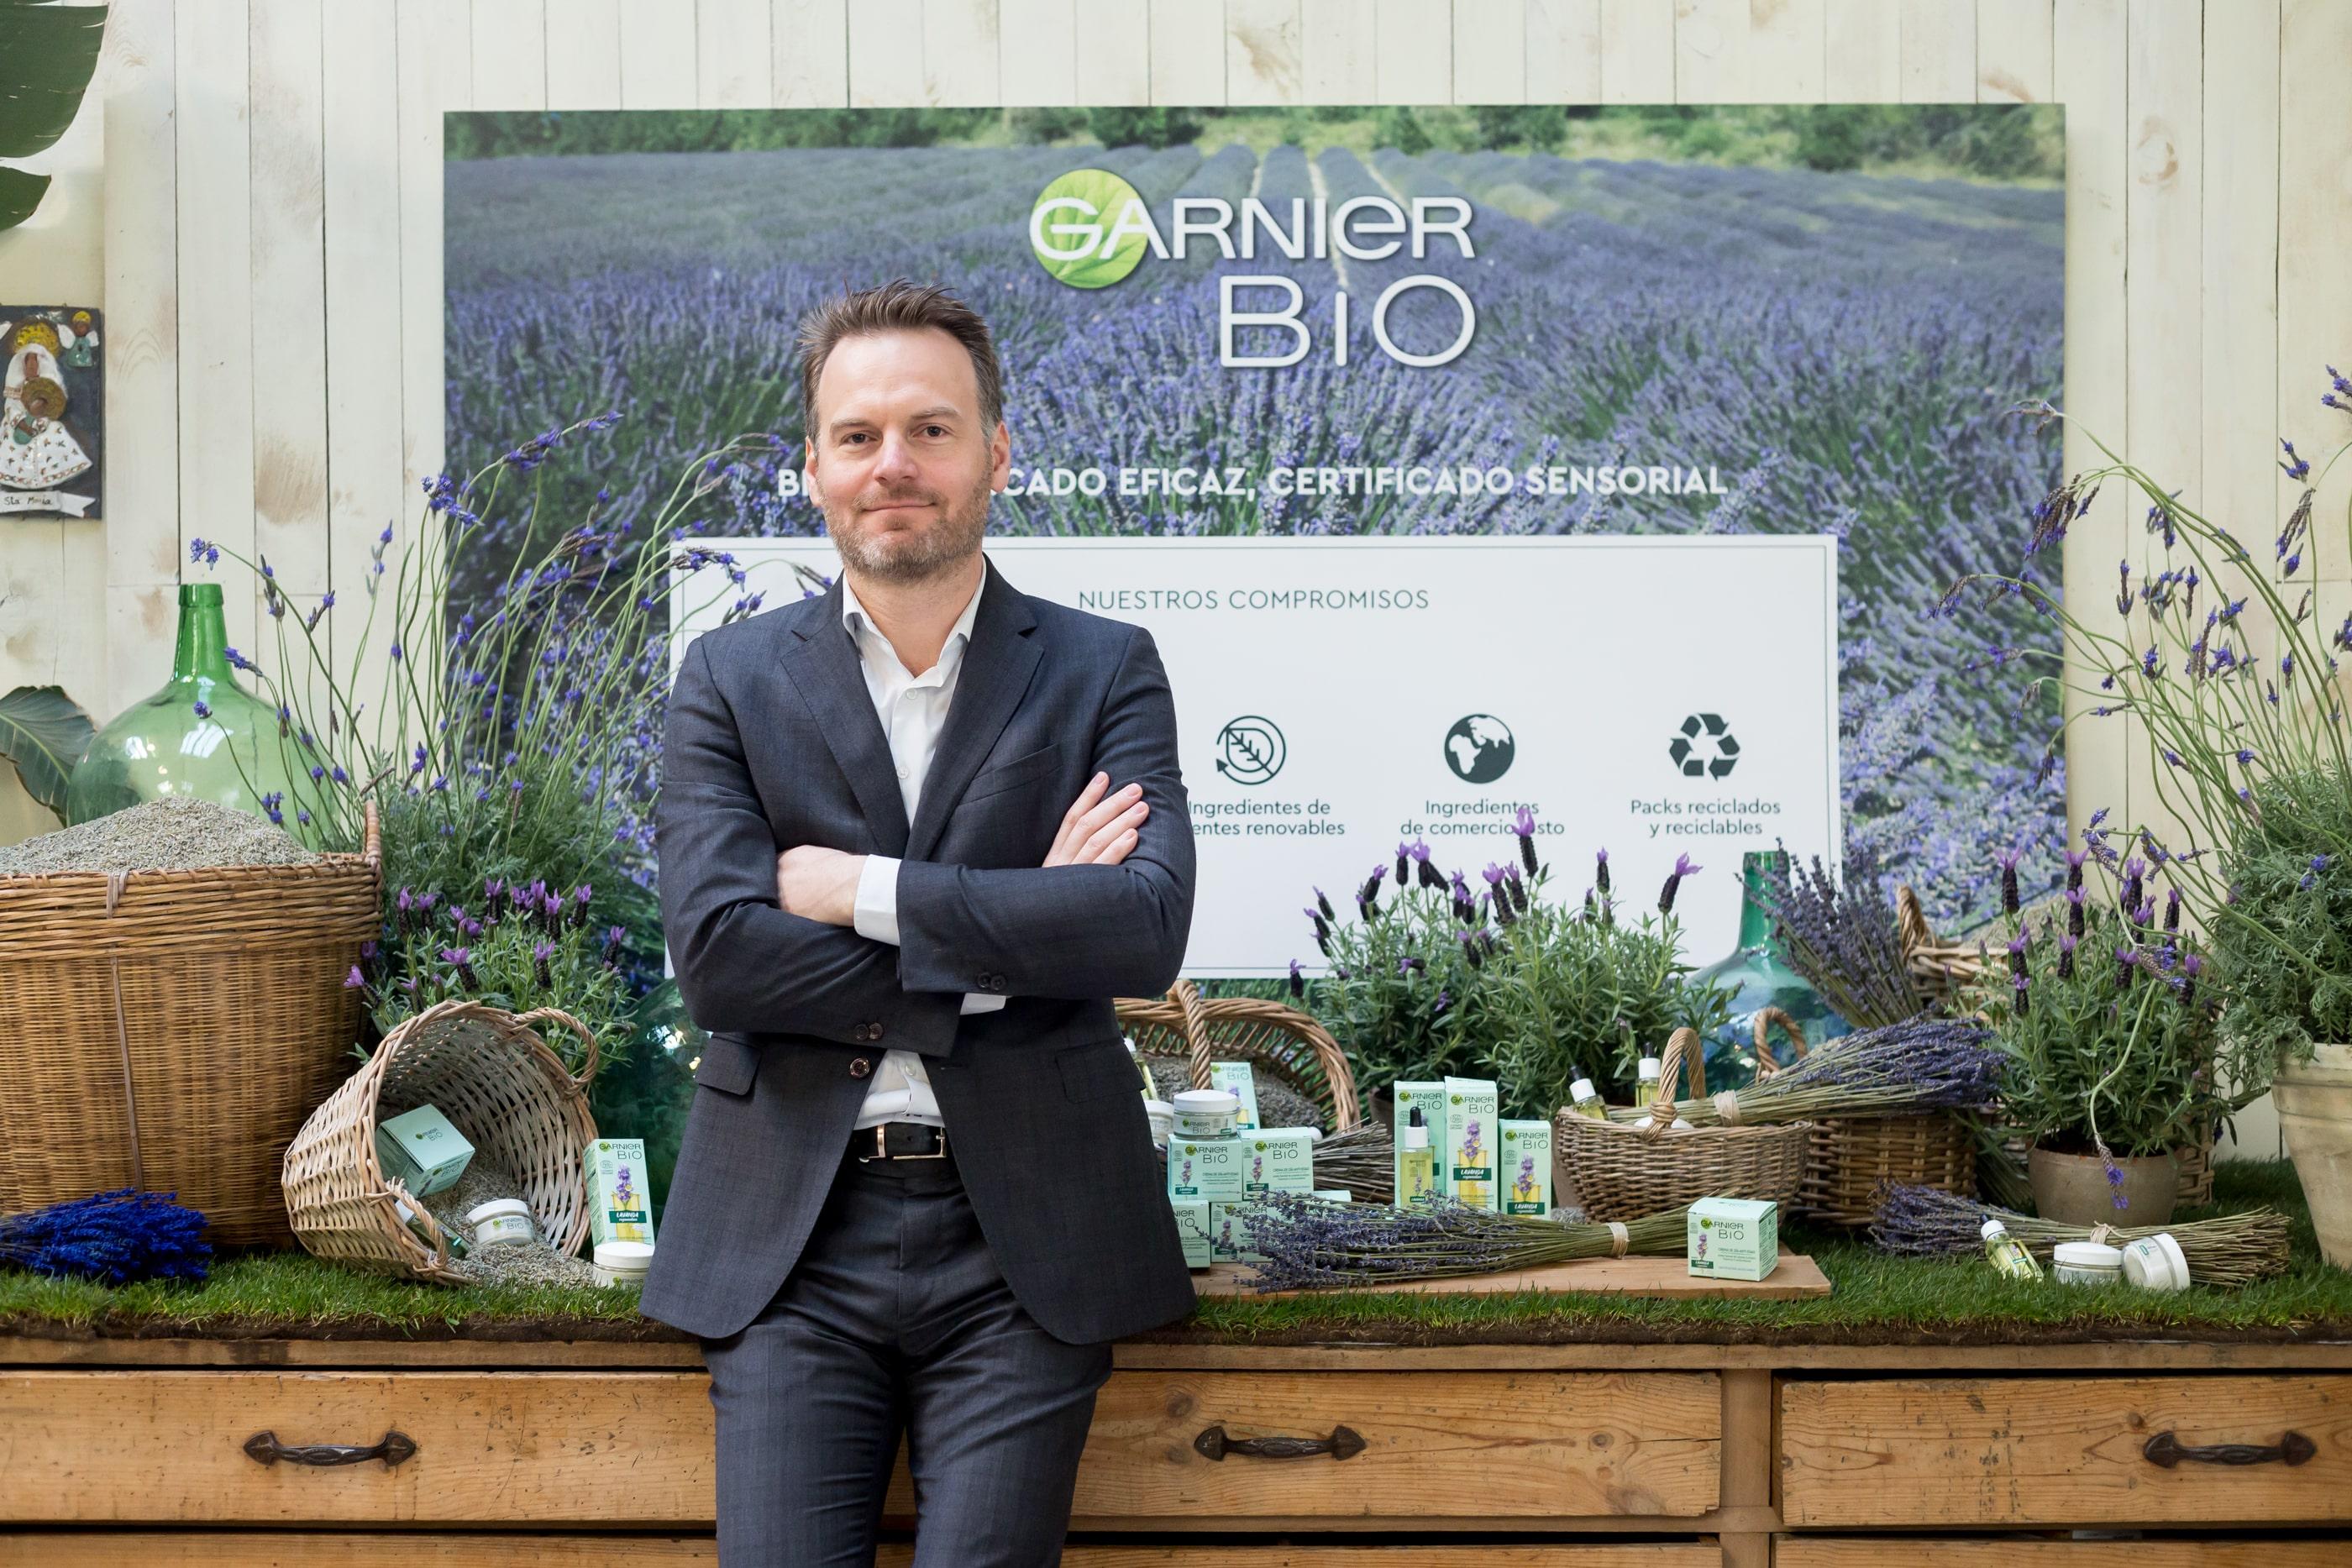 Llega al mercado 'Garnier Bio', una gama de cosmética ecológica certificada